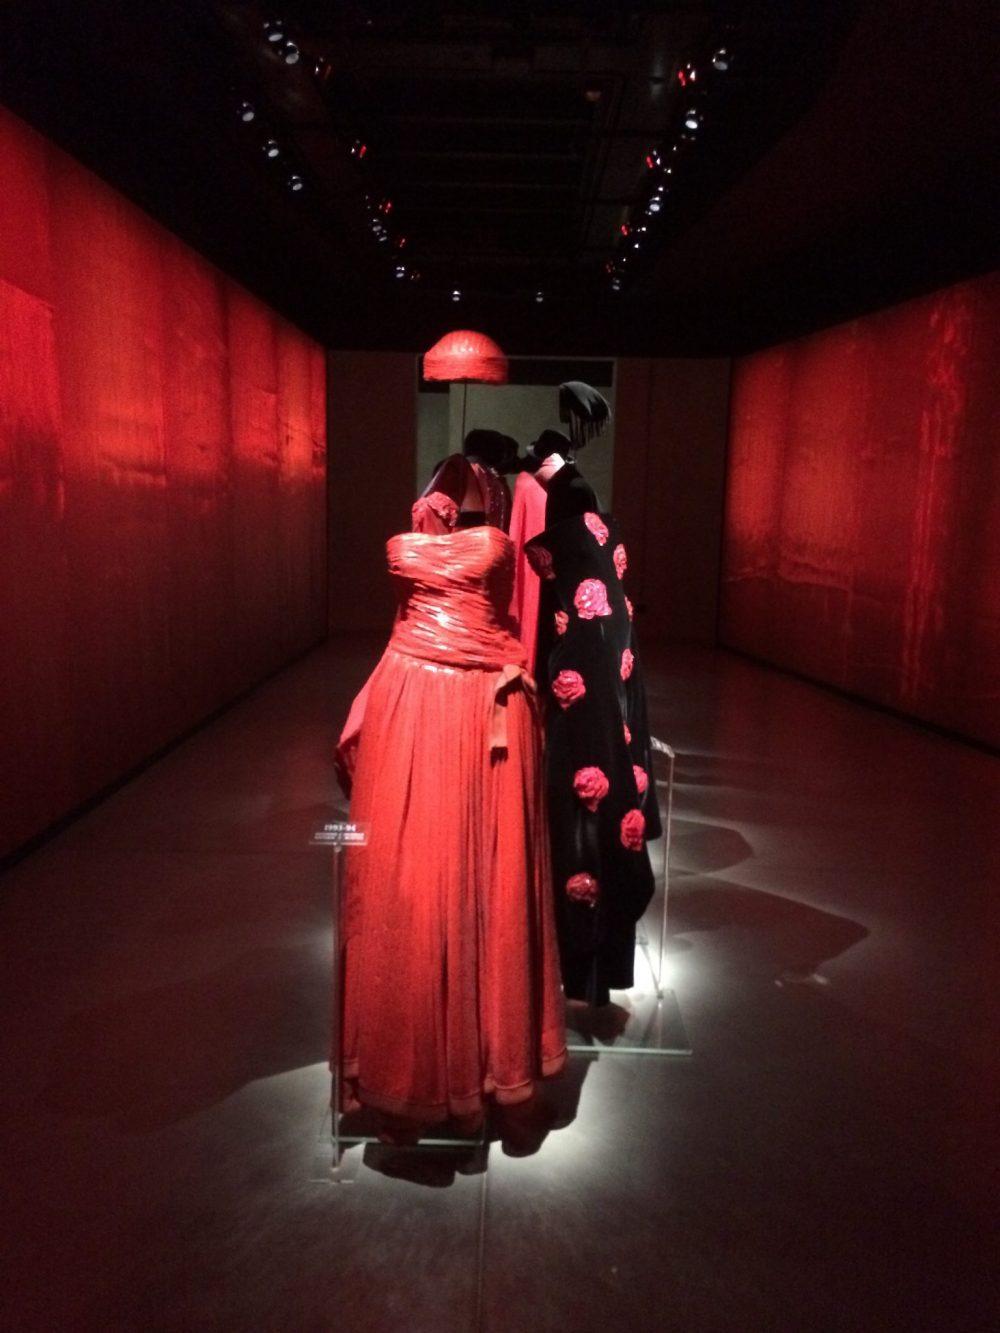 Armani fashion museum in Milan